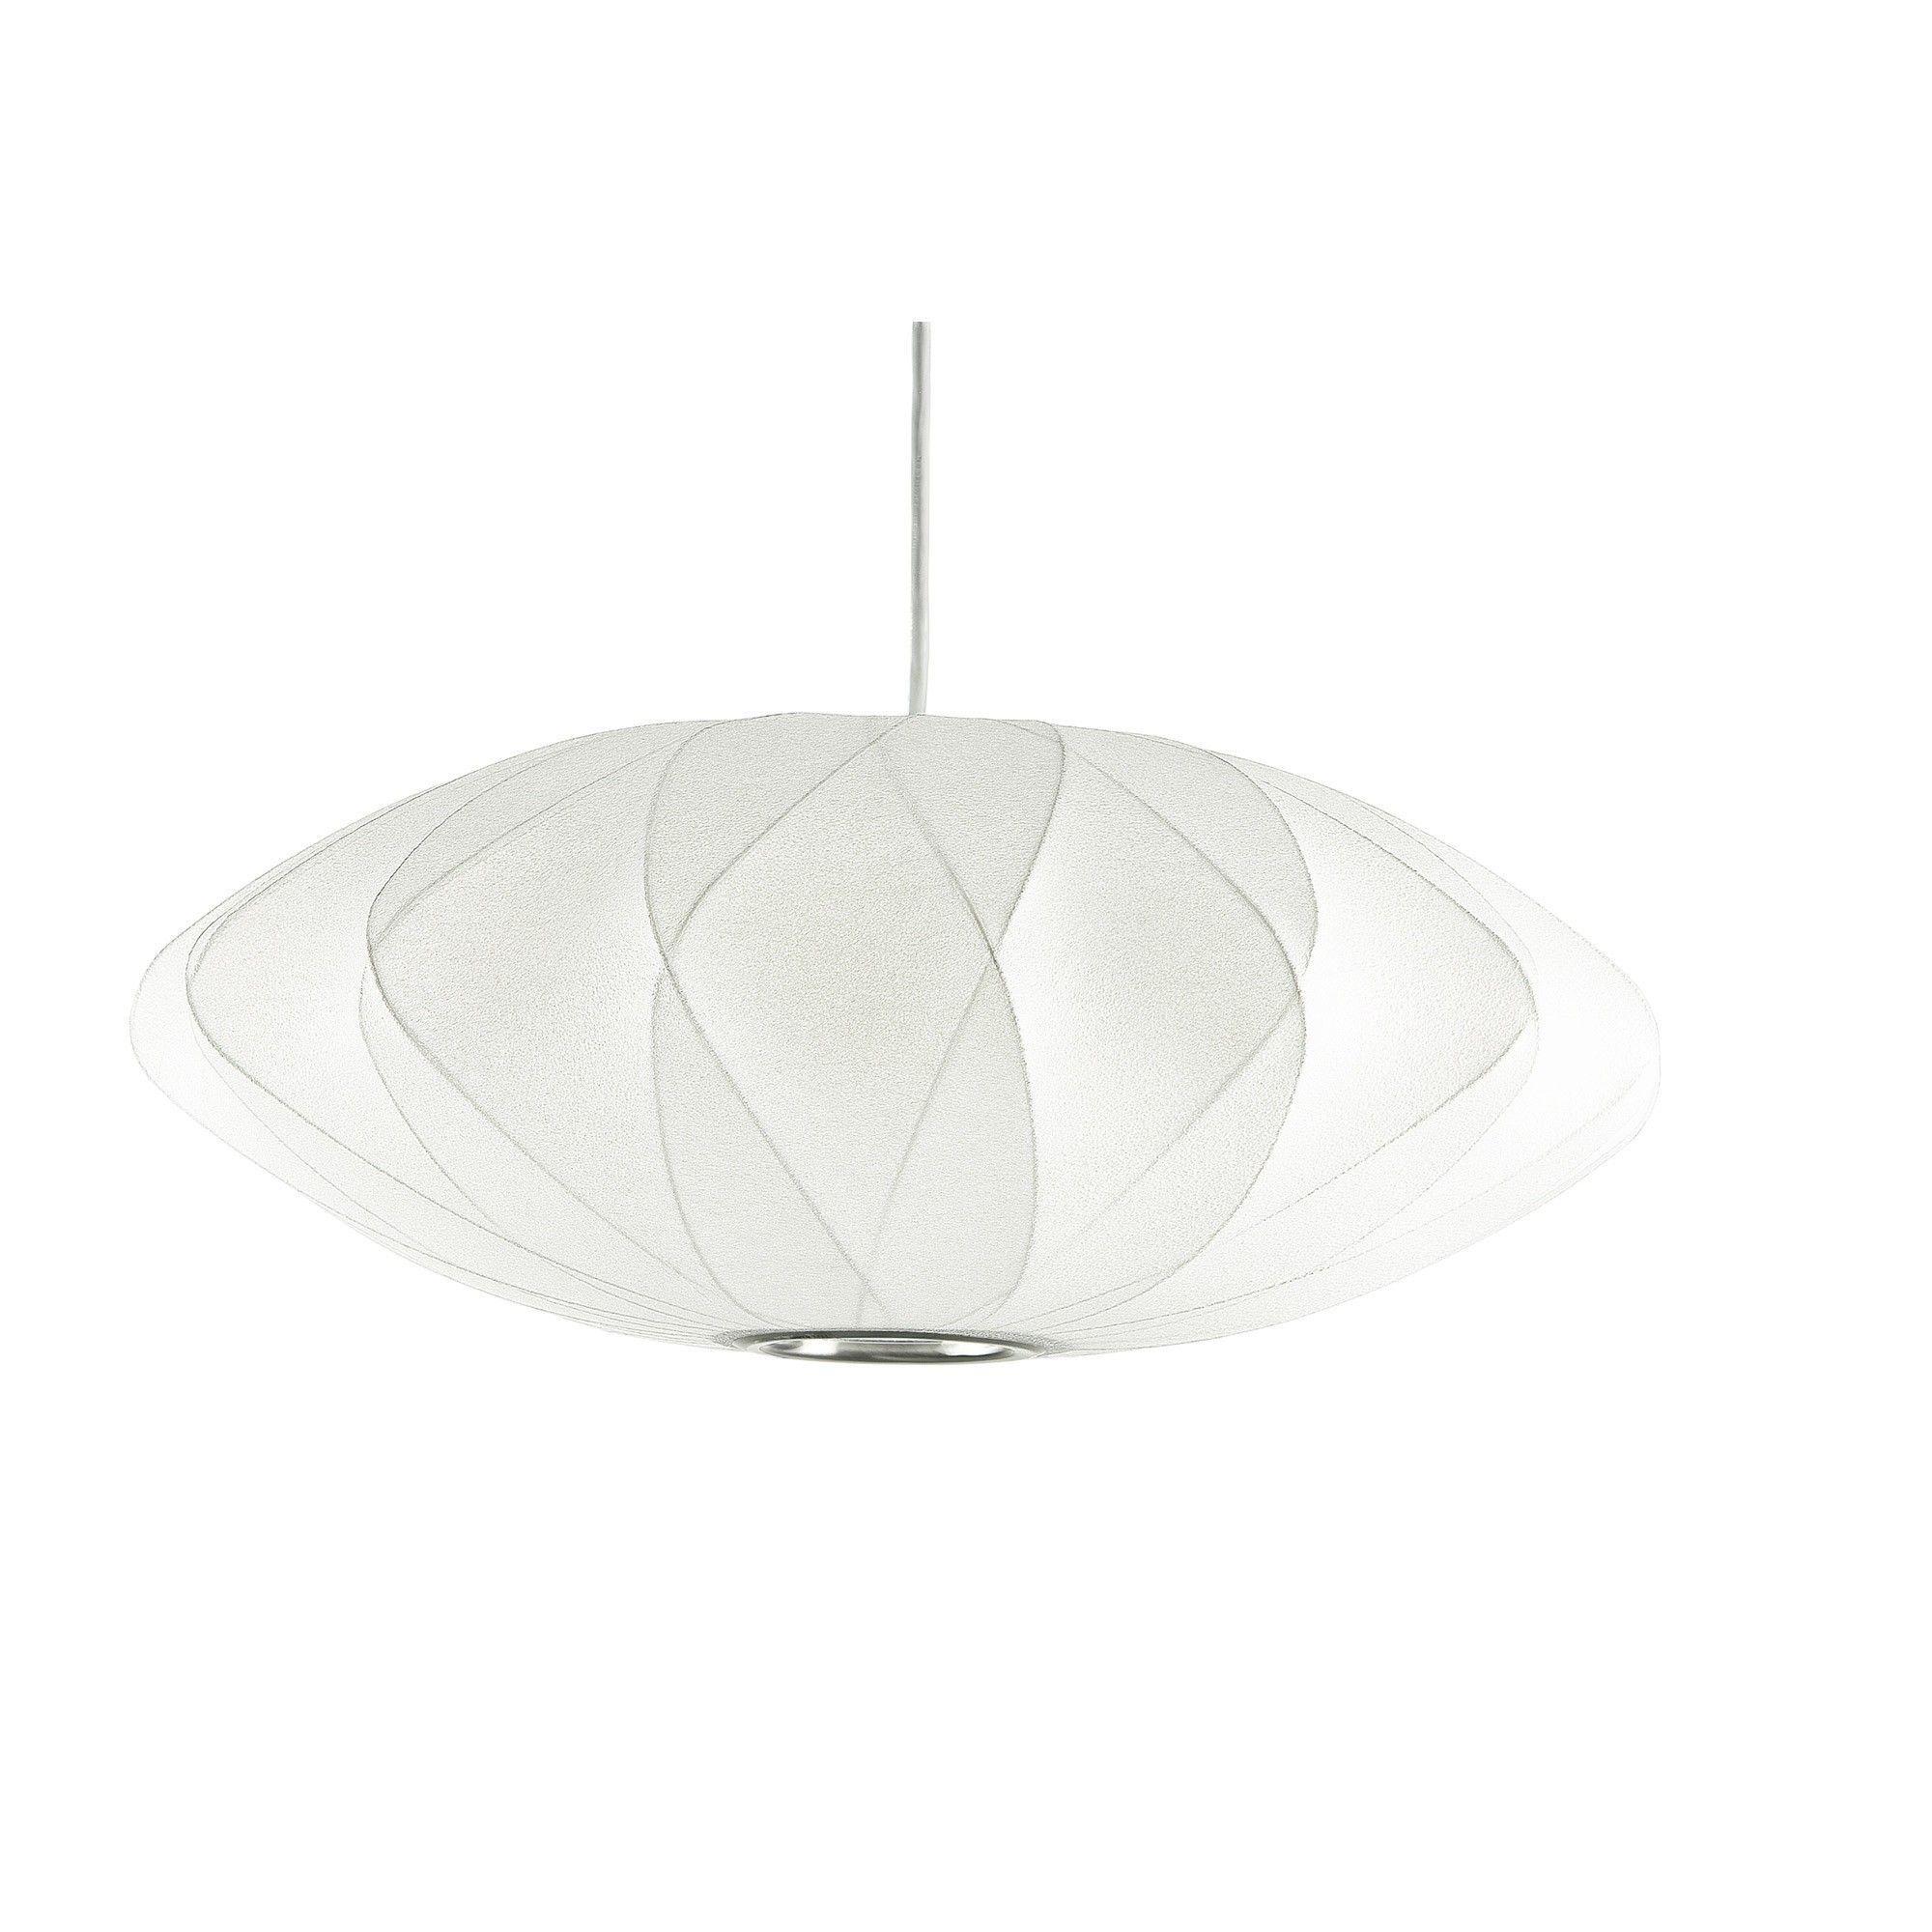 Replica Nelson Bubble Lamp Criss Cross Saucer